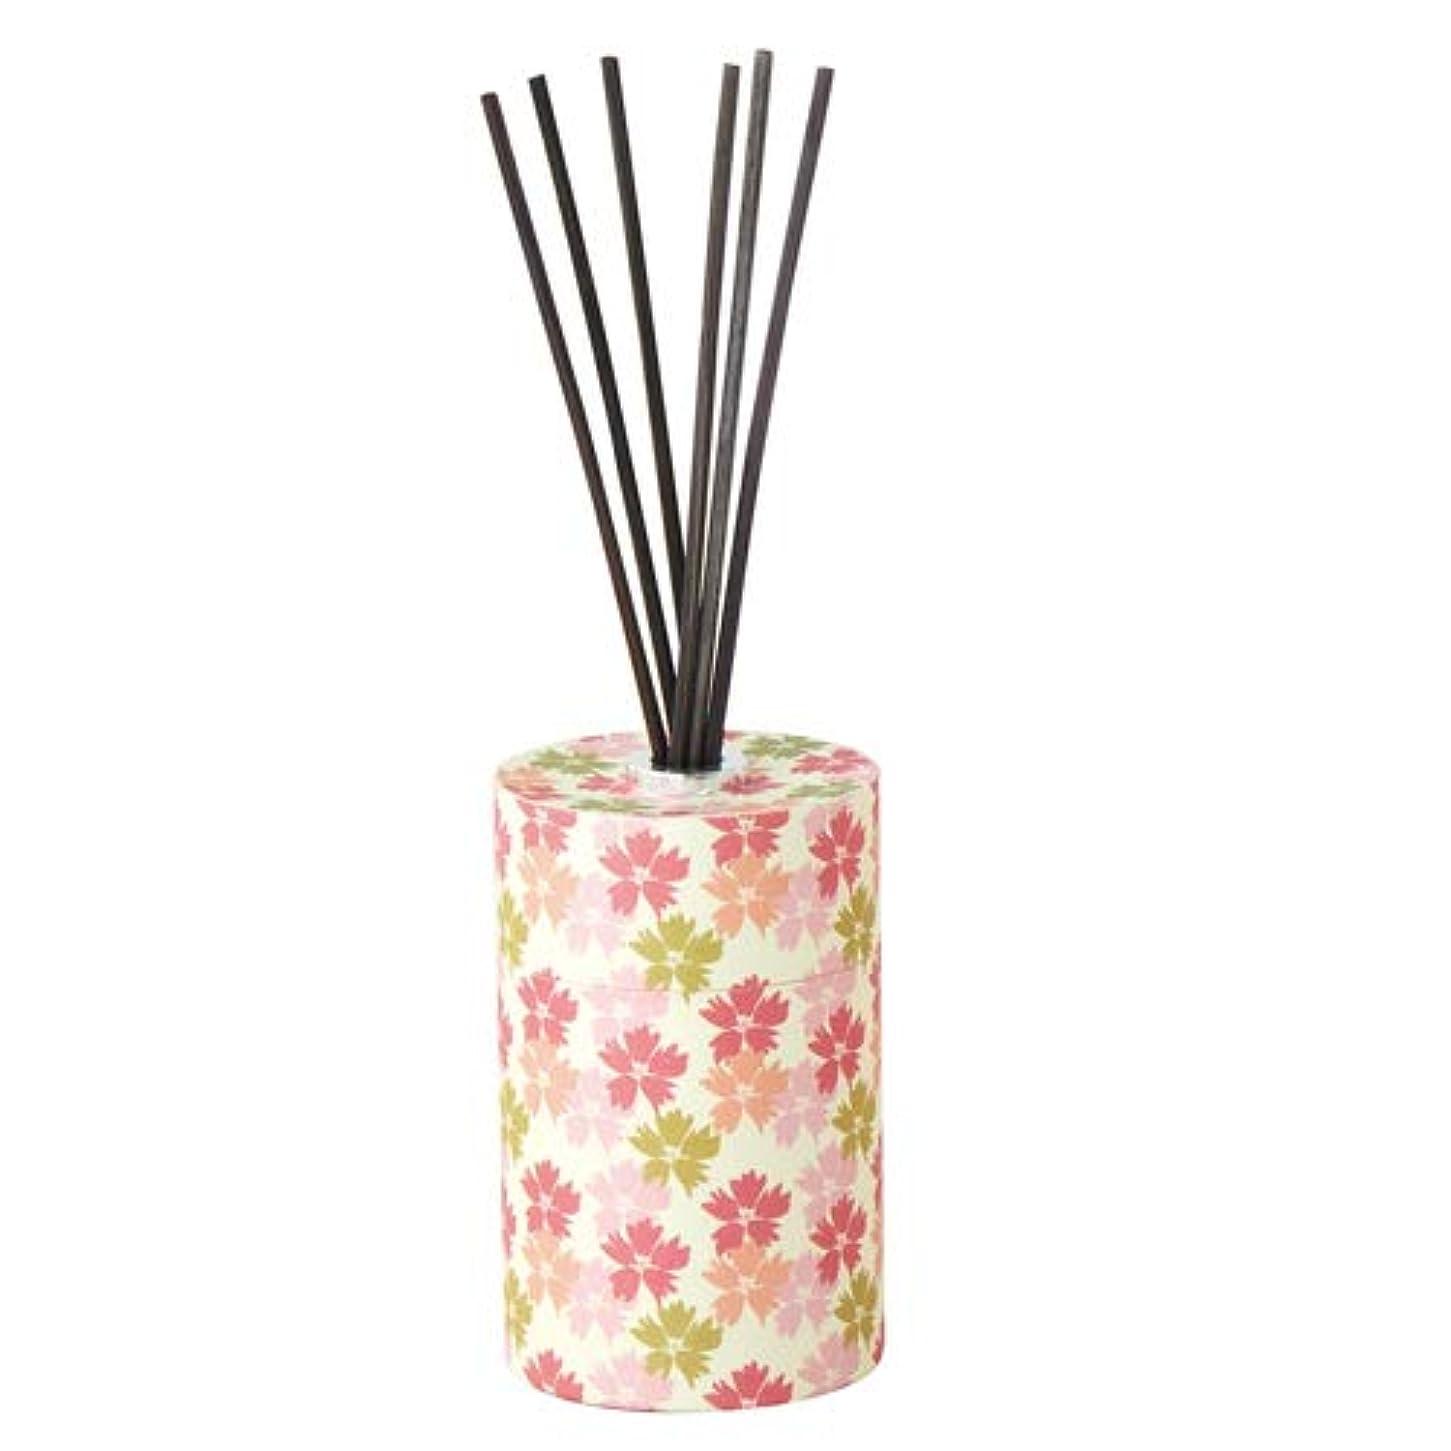 サイレントテナント未来和遊ディフューザー 桜の香り 1個